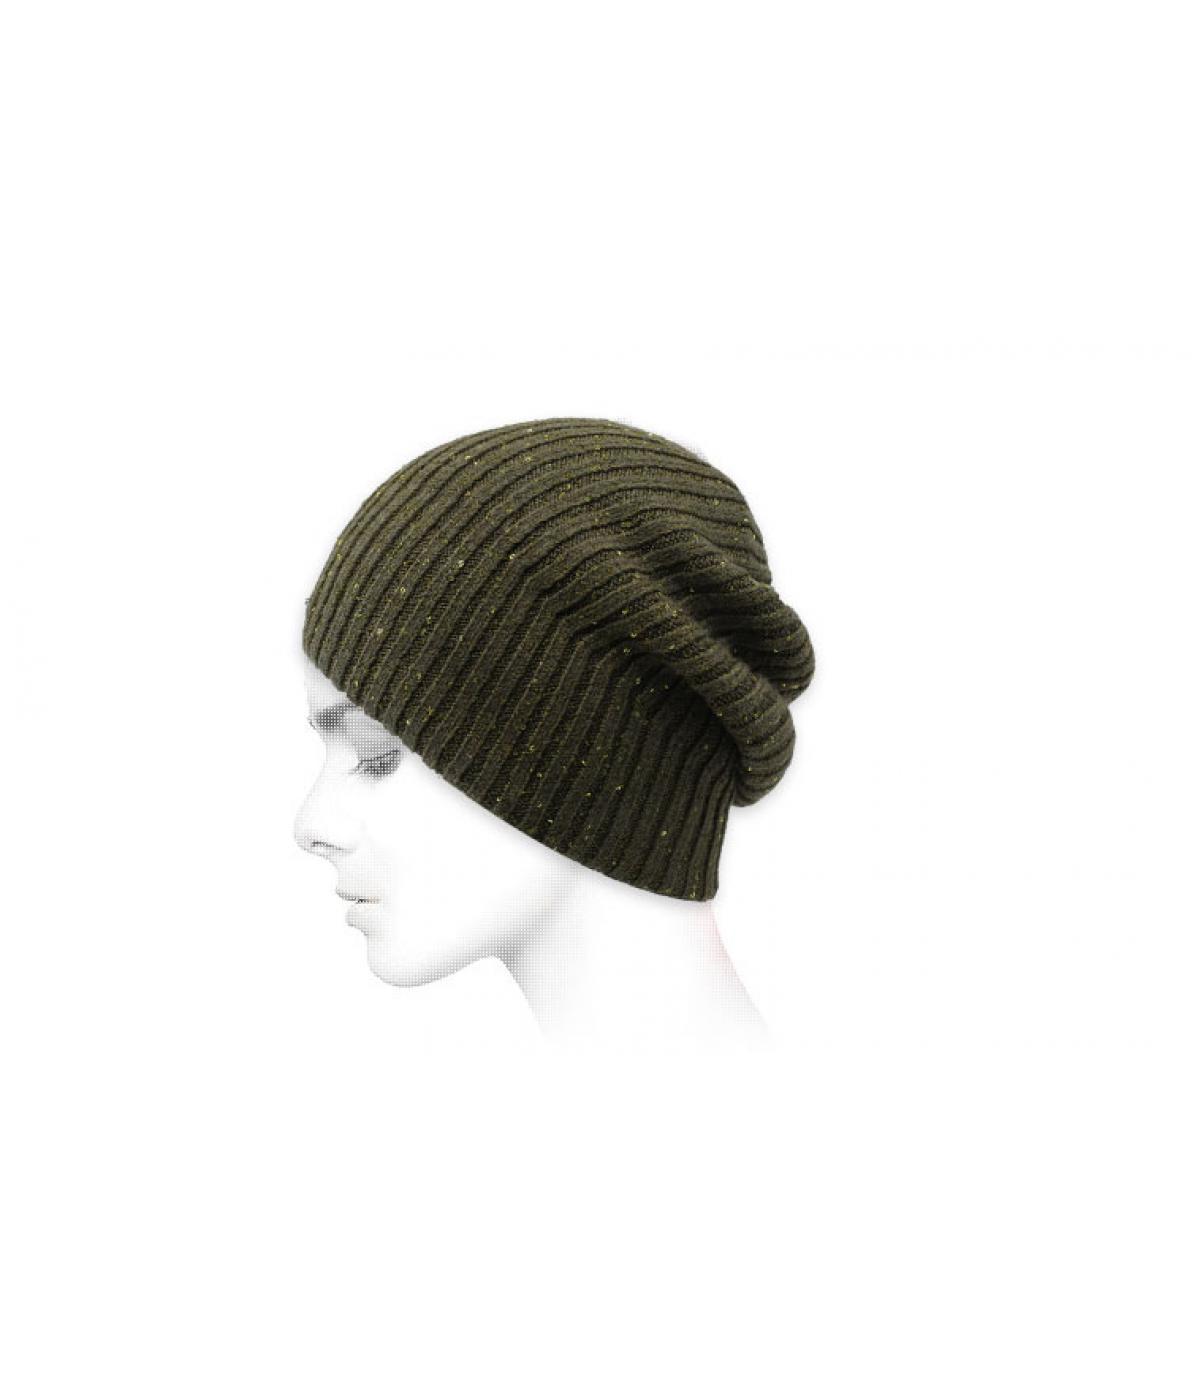 Oversize Mütze khaki grün